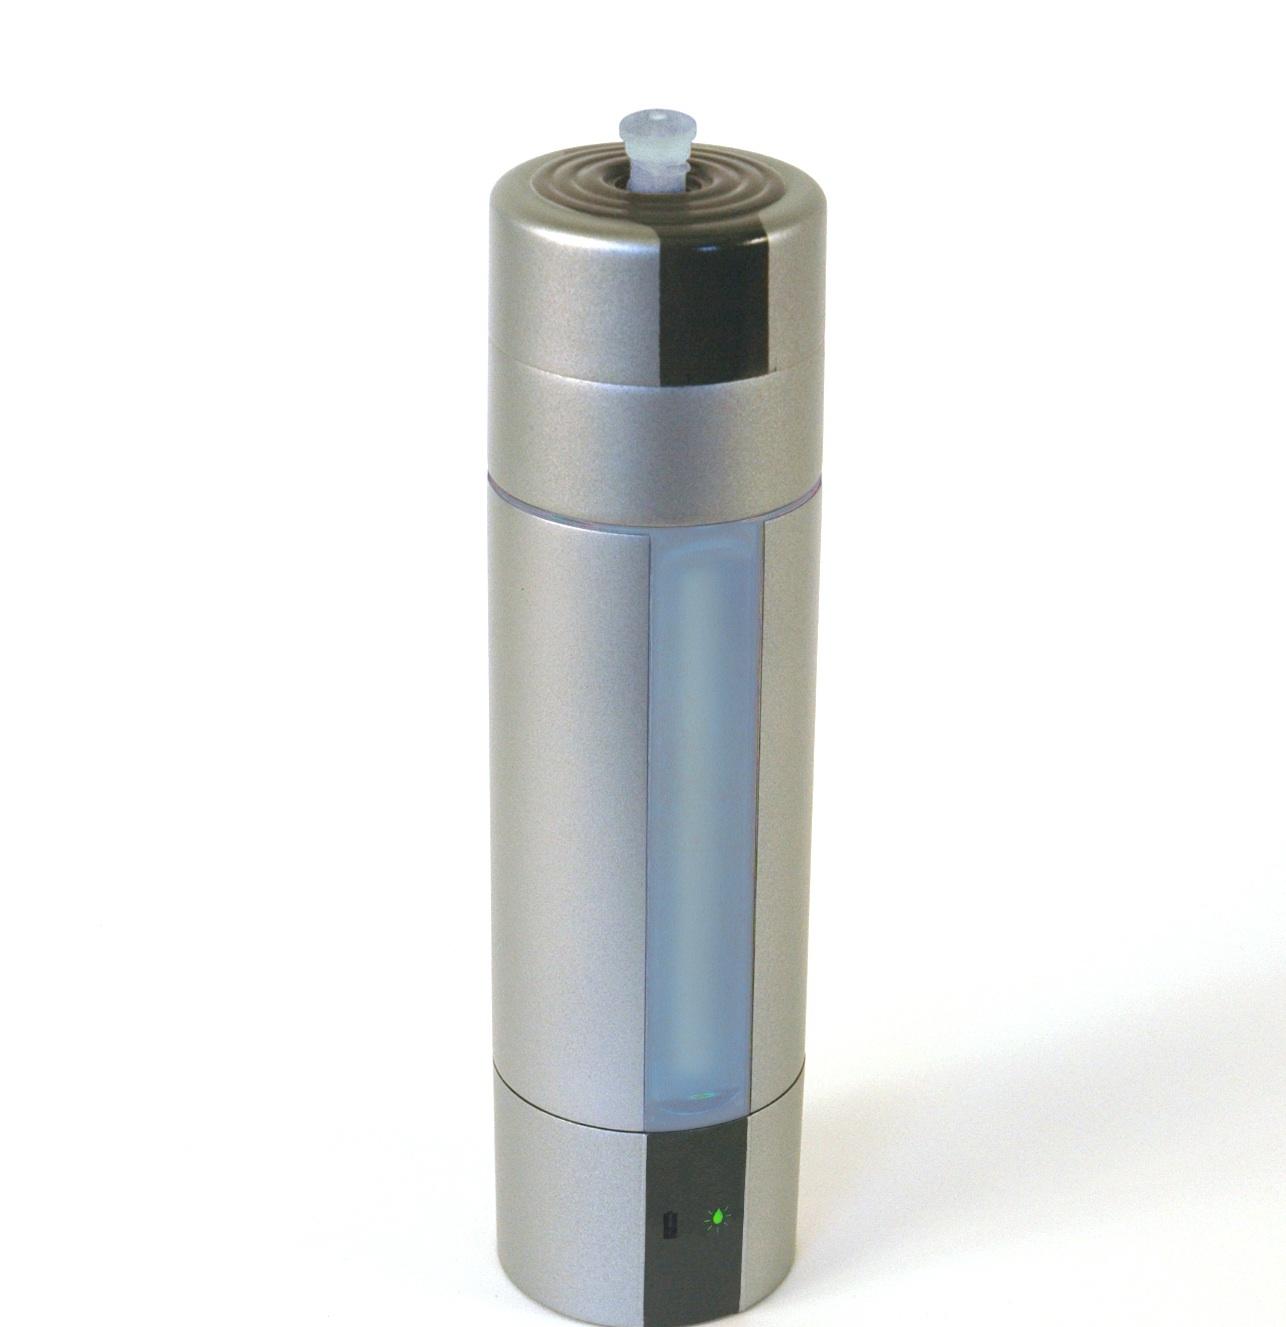 Crystal IS - Dual Treatment Water Sterilization Bottle